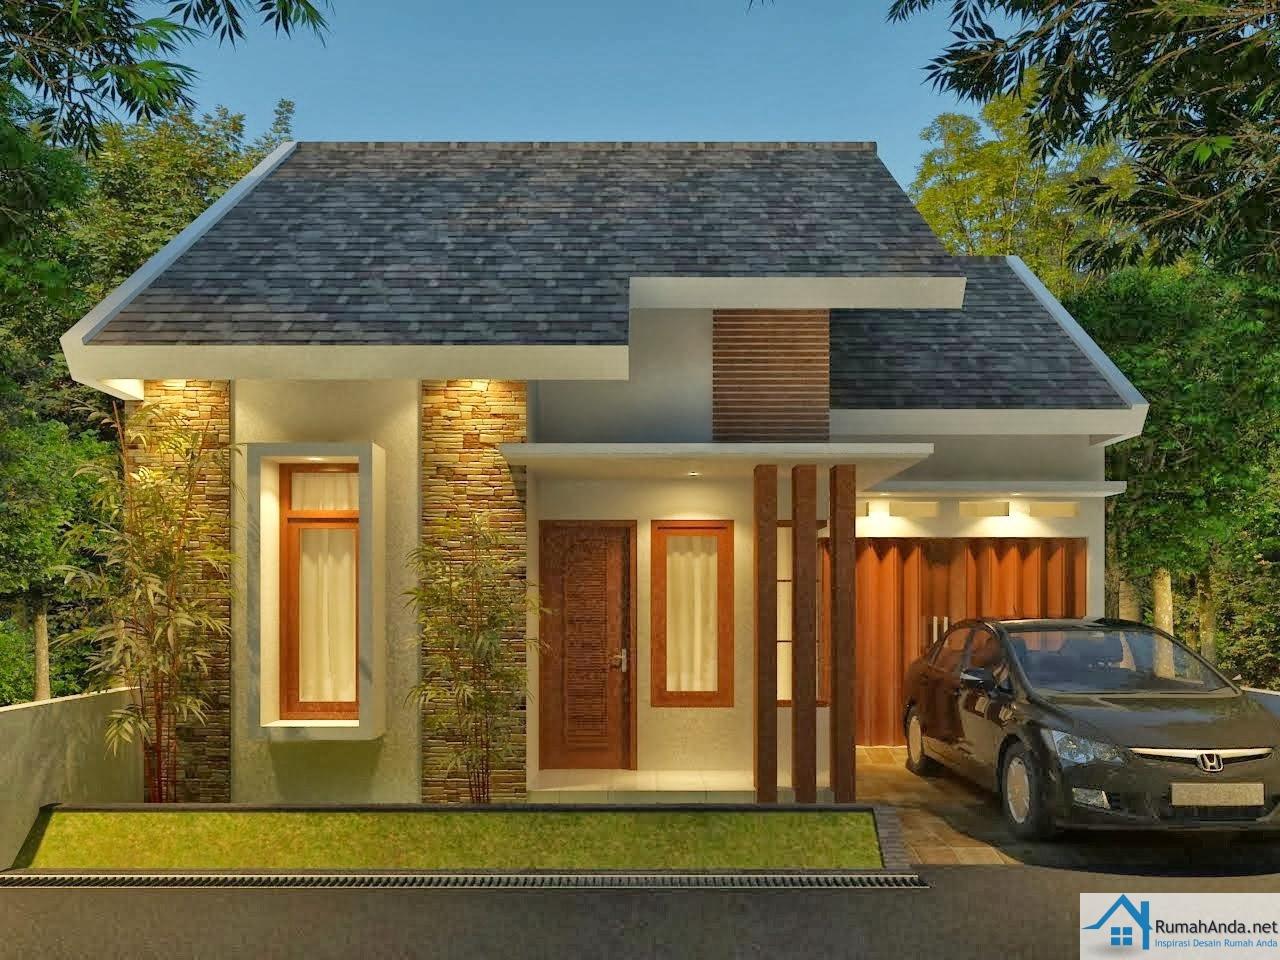 Desain Rumah Minimalis Modern 1 dan 2 Lantai 2017  Contoh Gambar Rumah